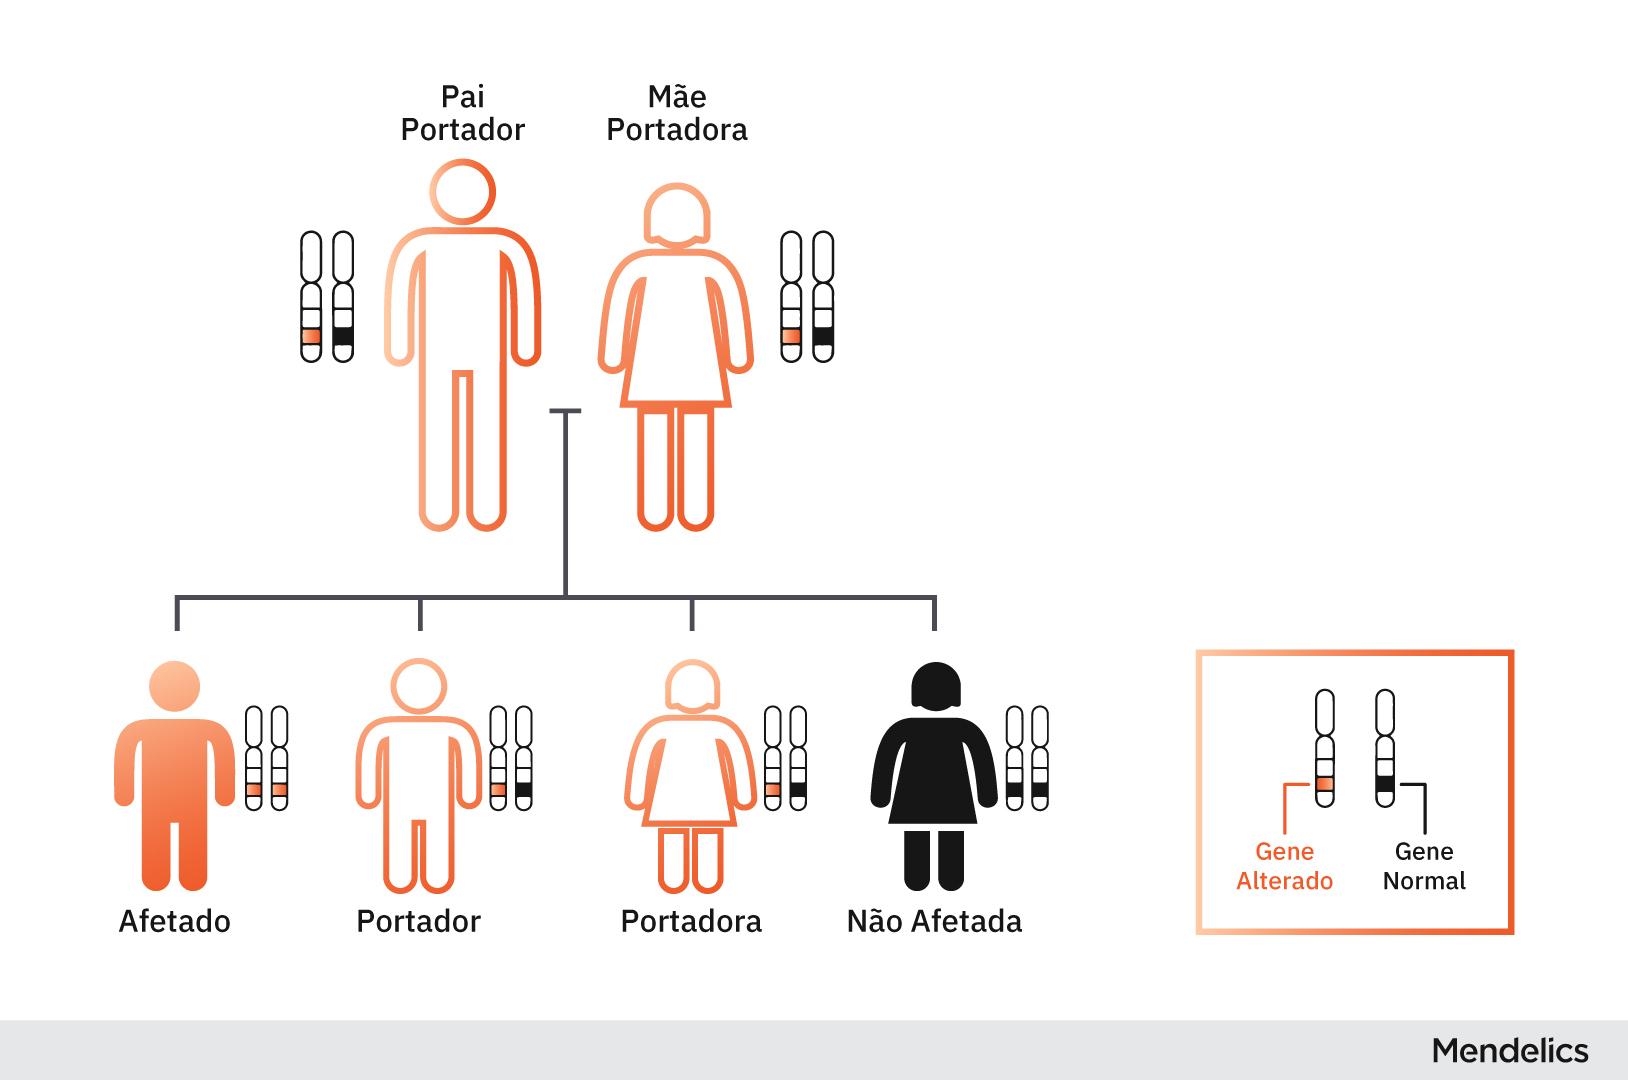 Figura representando graficamente como se dá a herança recessiva